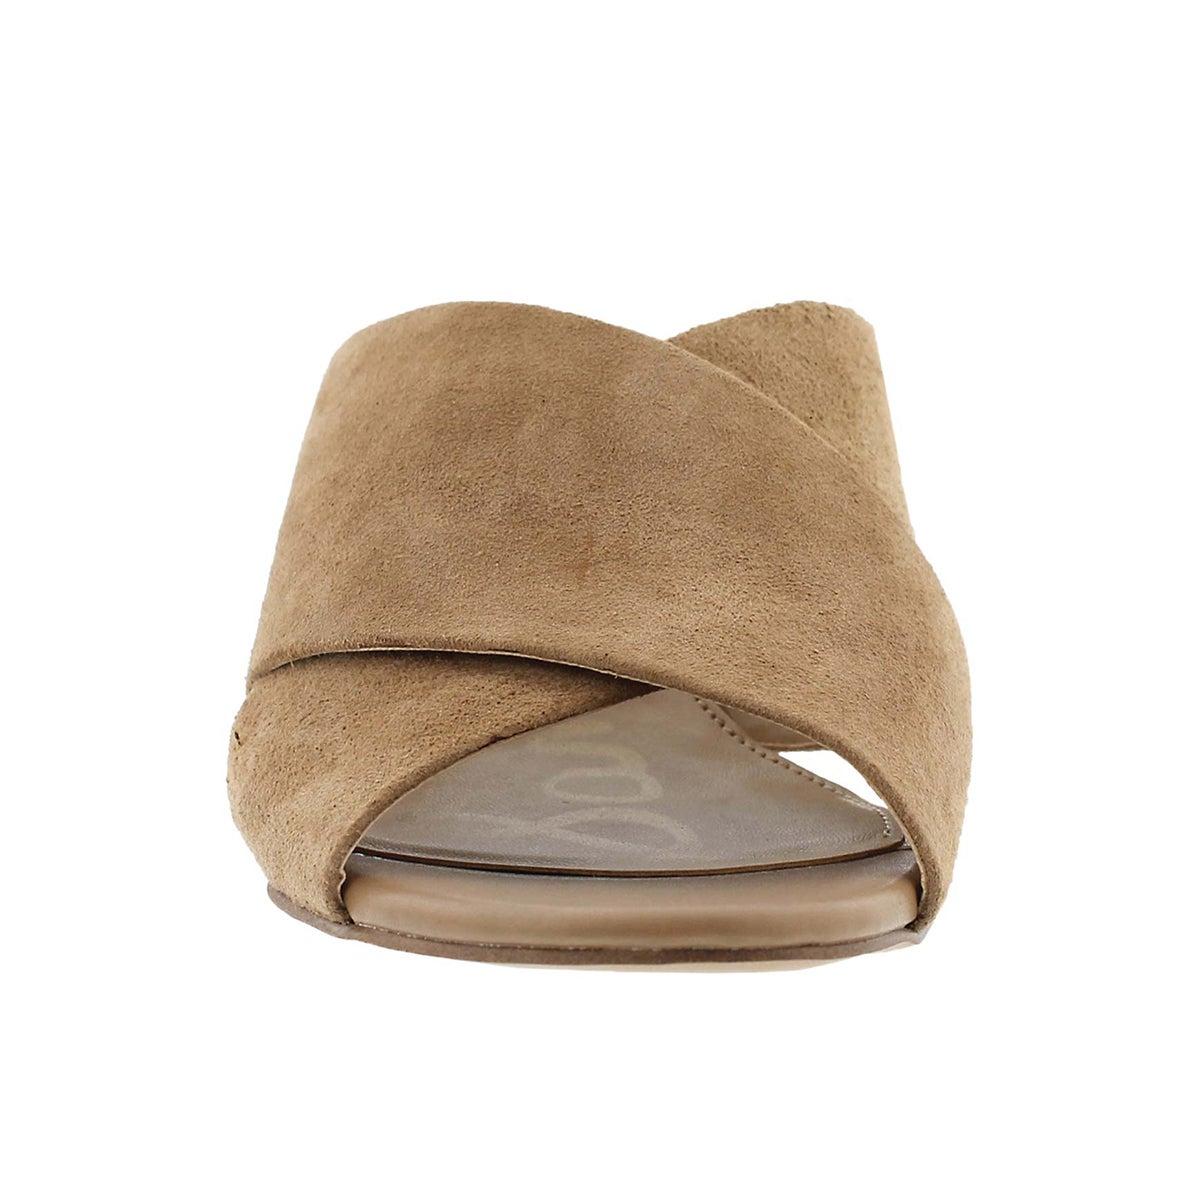 Lds Stanley oatmeal slide dress sandal